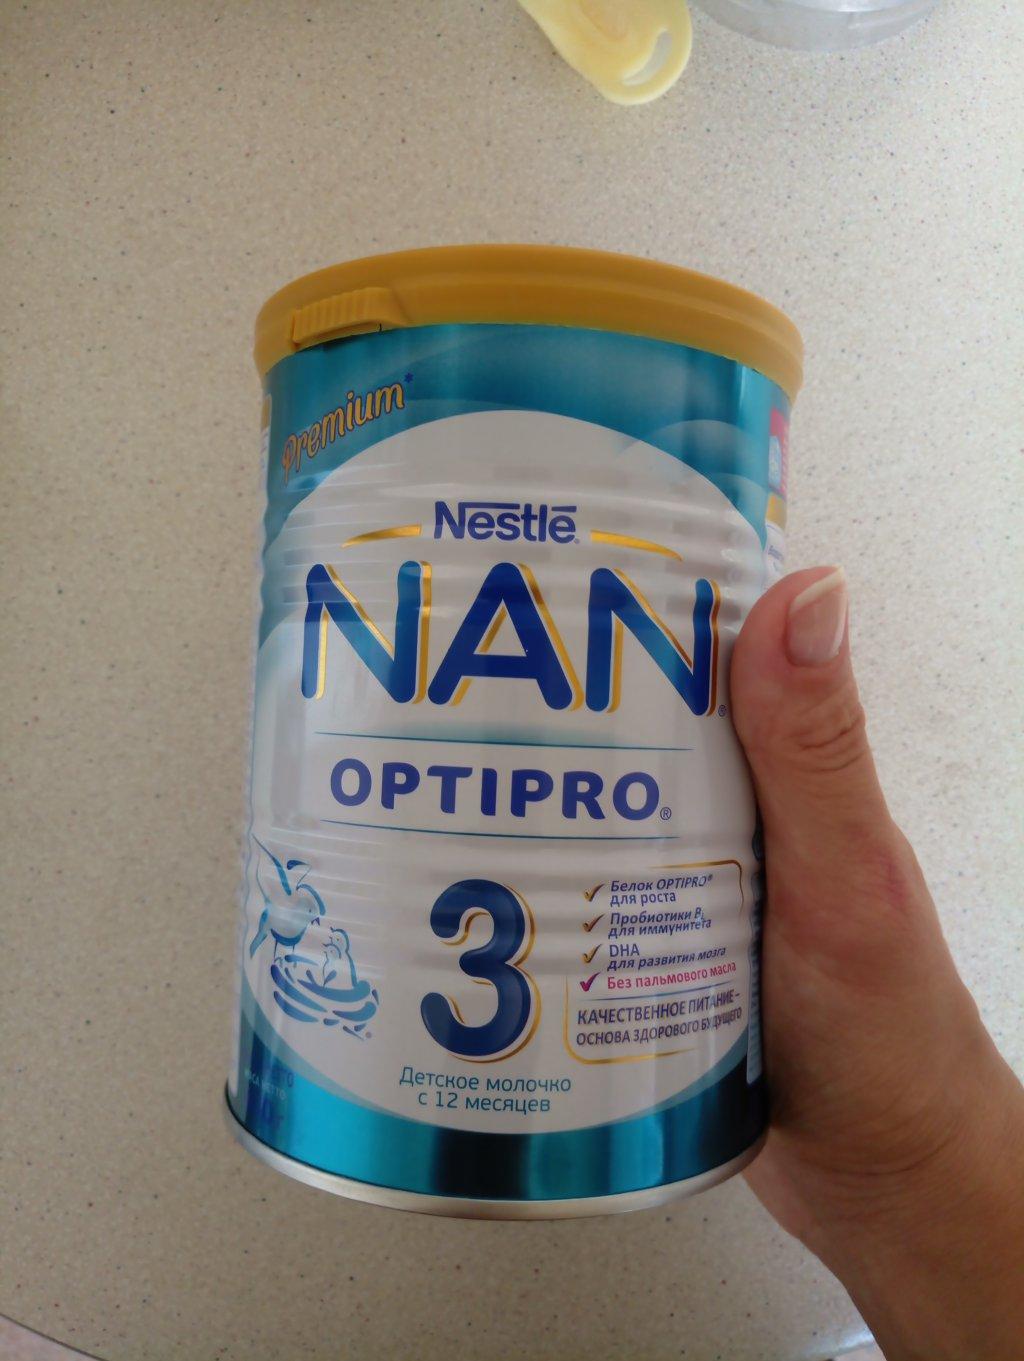 Детсокое молочко Nestle nan optipro 3 - Сбалансированное вкусное молочко для ребенка